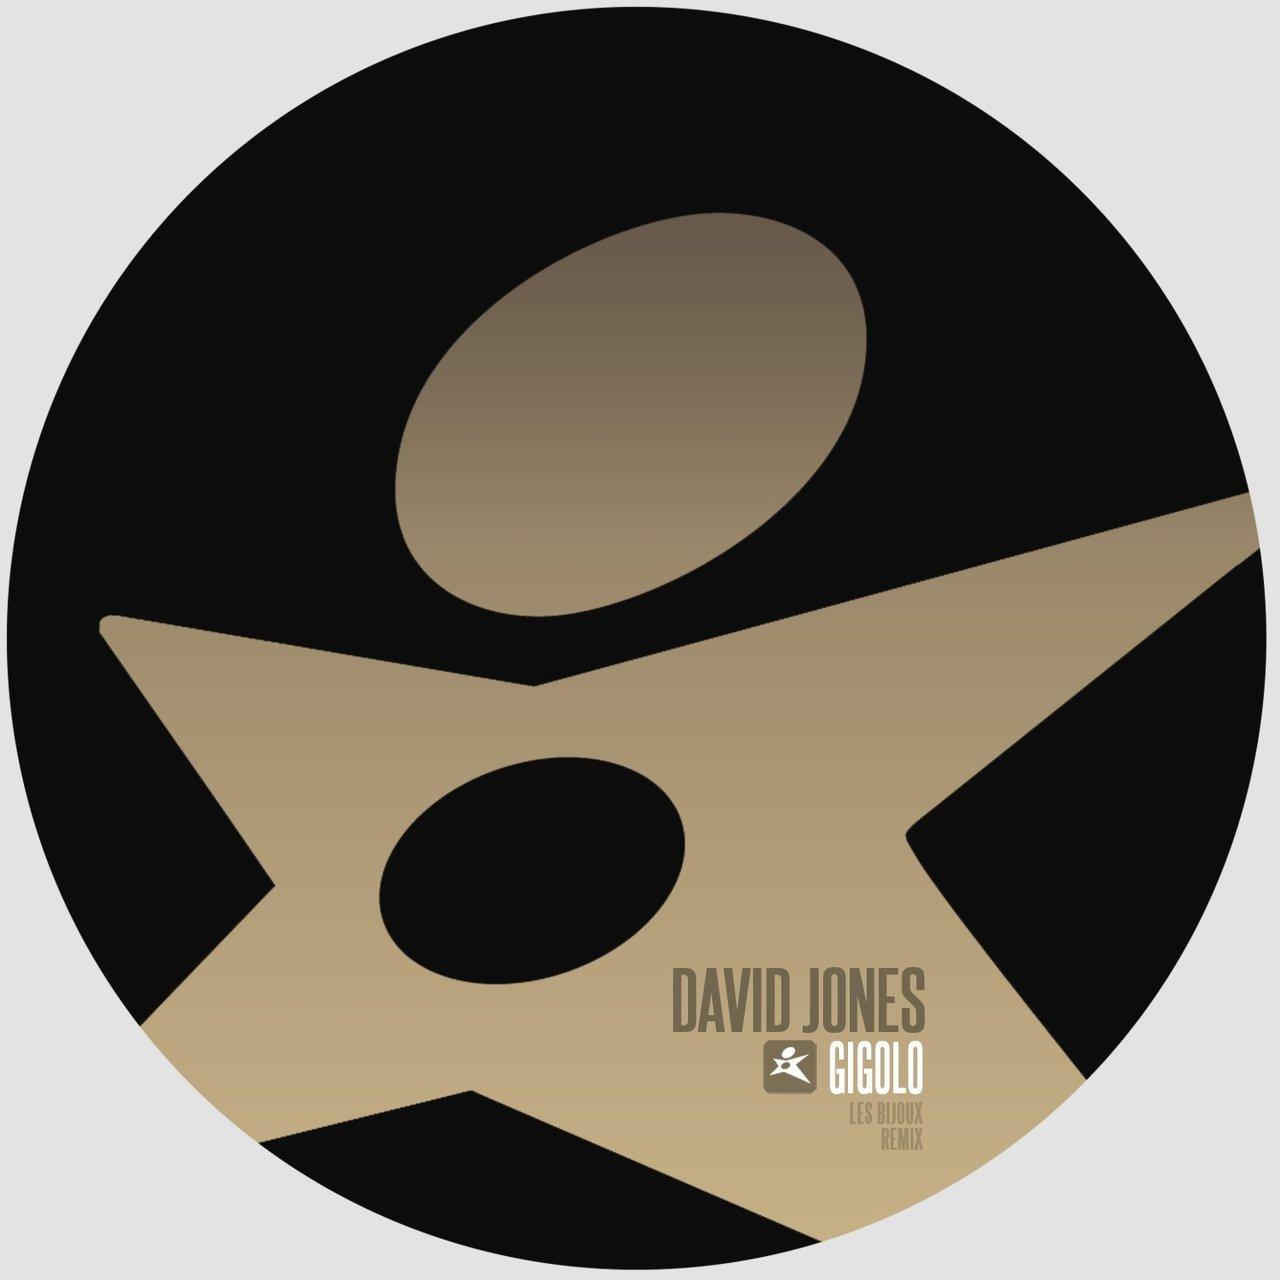 Tidal listen to david jones on tidal david jones gigolo buycottarizona Image collections